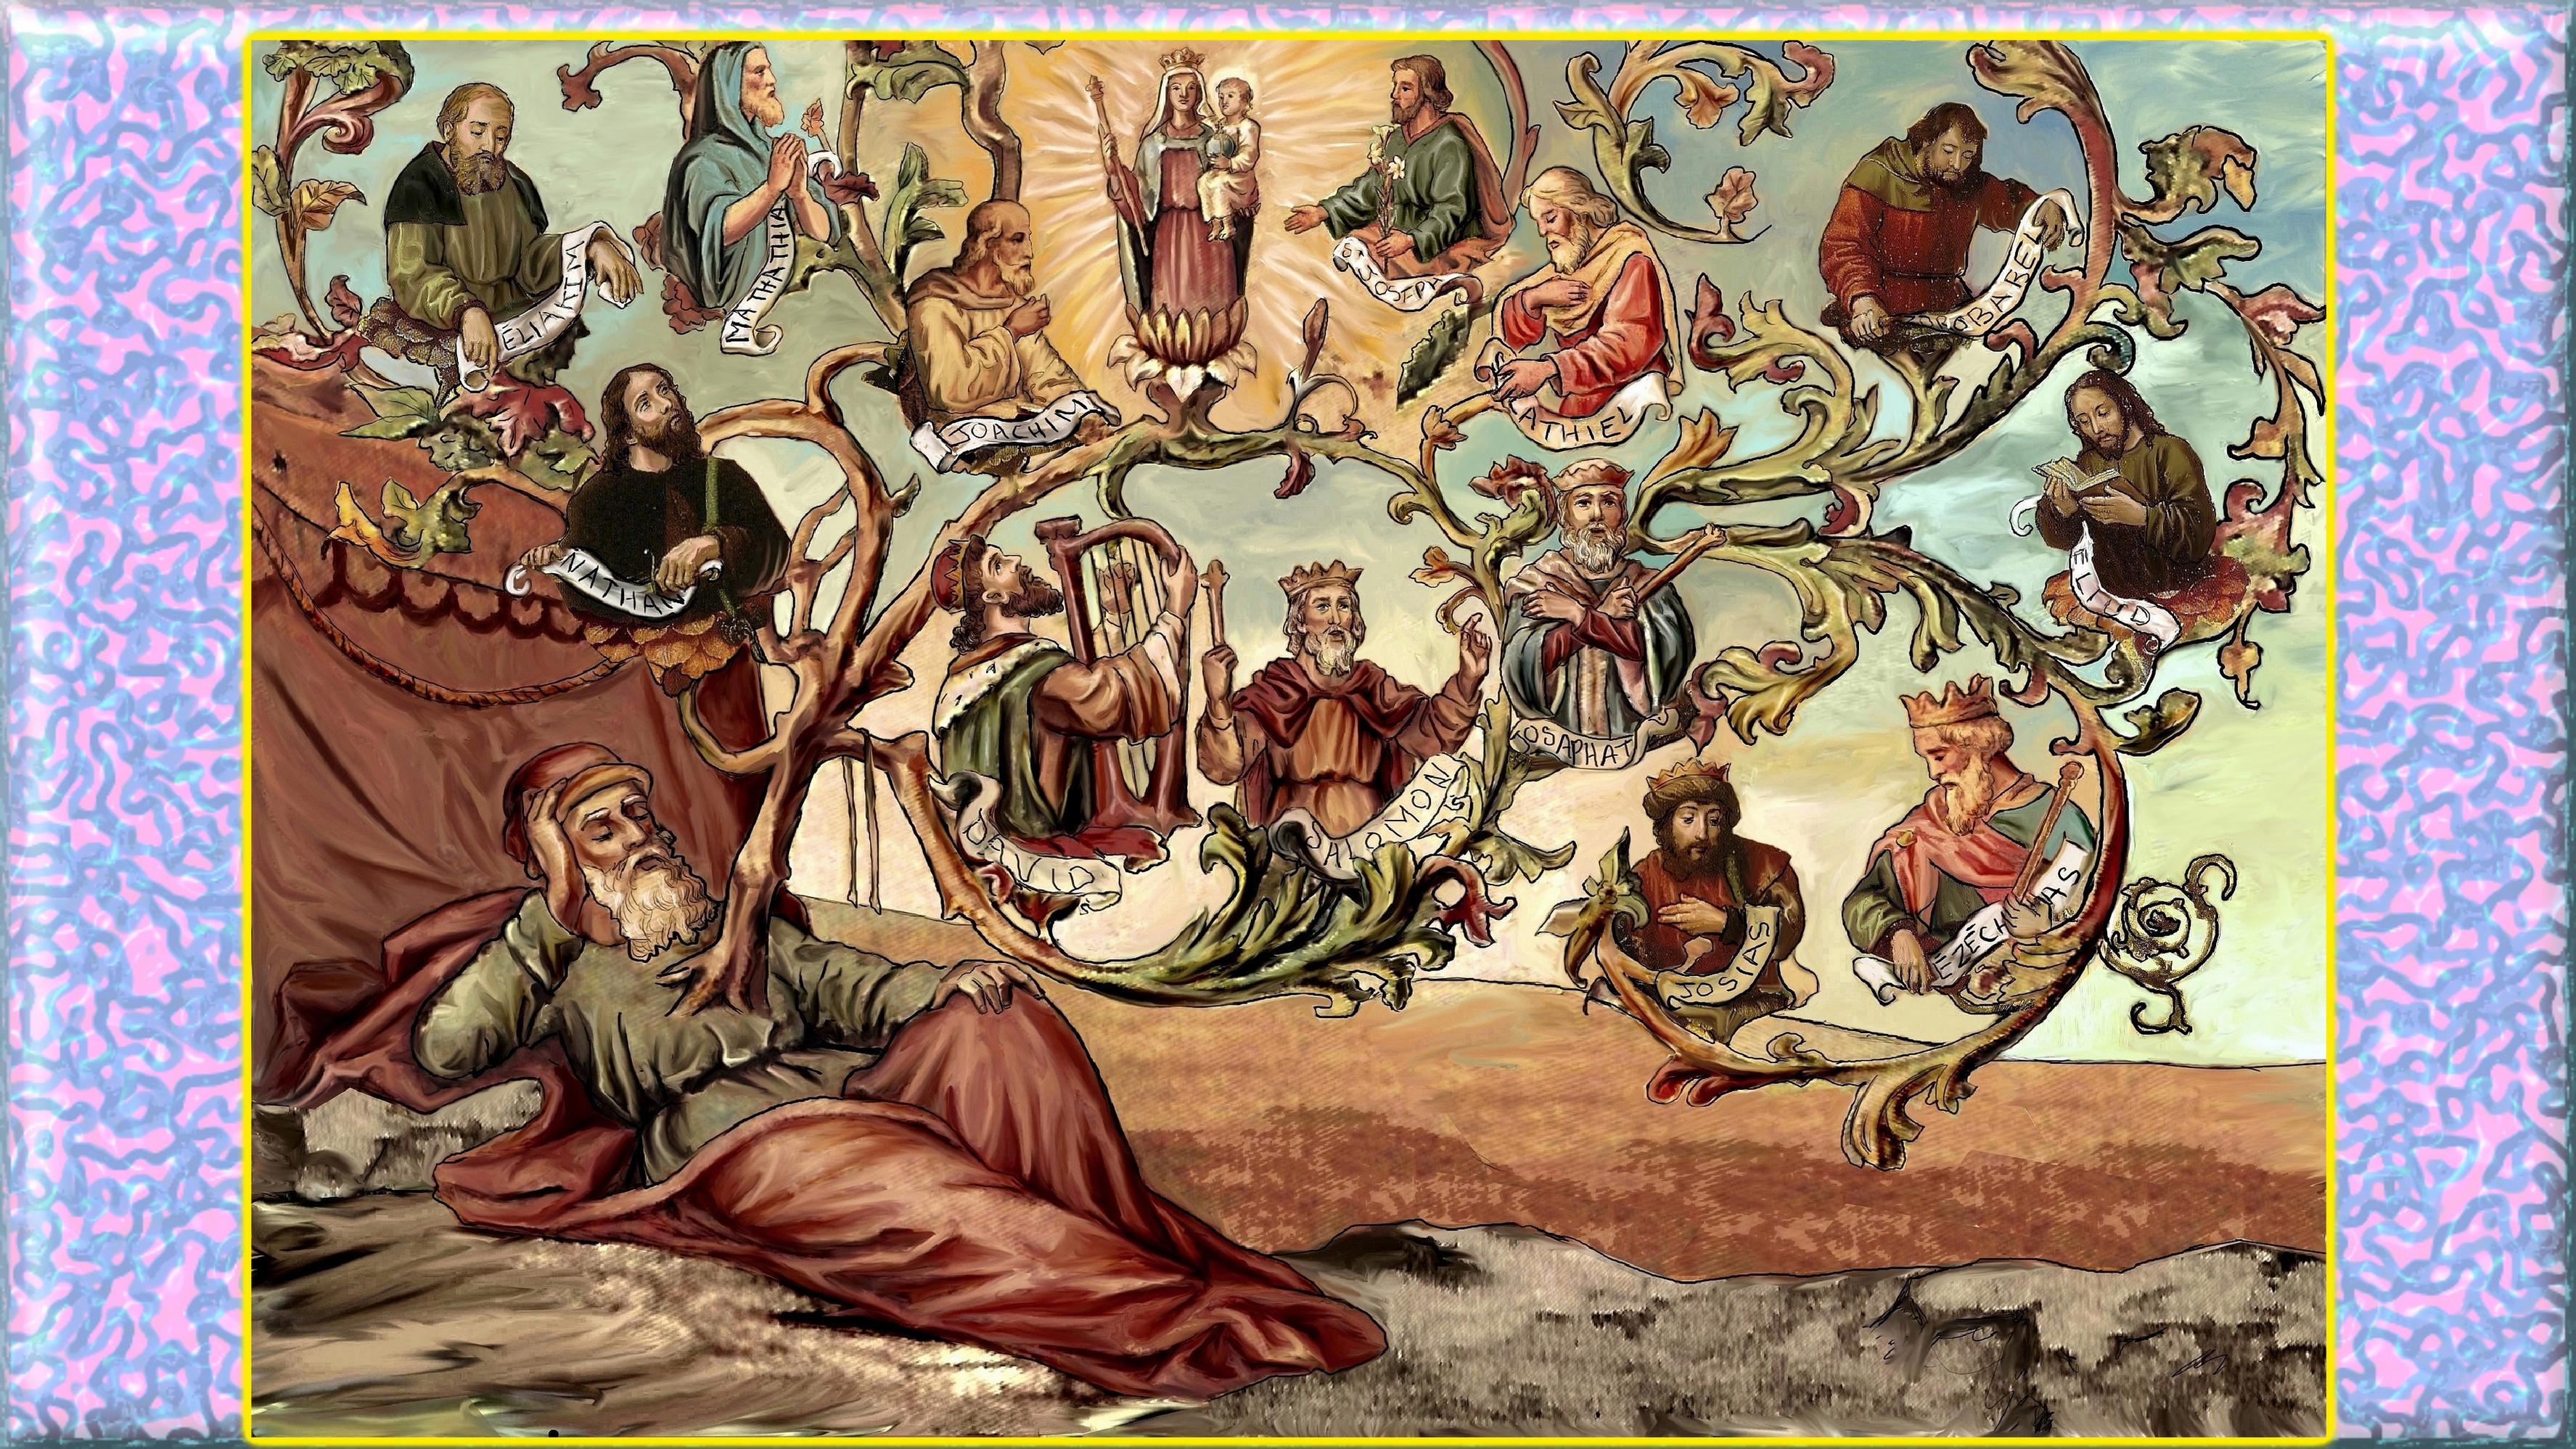 CALENDRIER CATHOLIQUE 2019 (Cantiques, Prières & Images) - Page 19 A1--la-tige-de-jess--56e243d